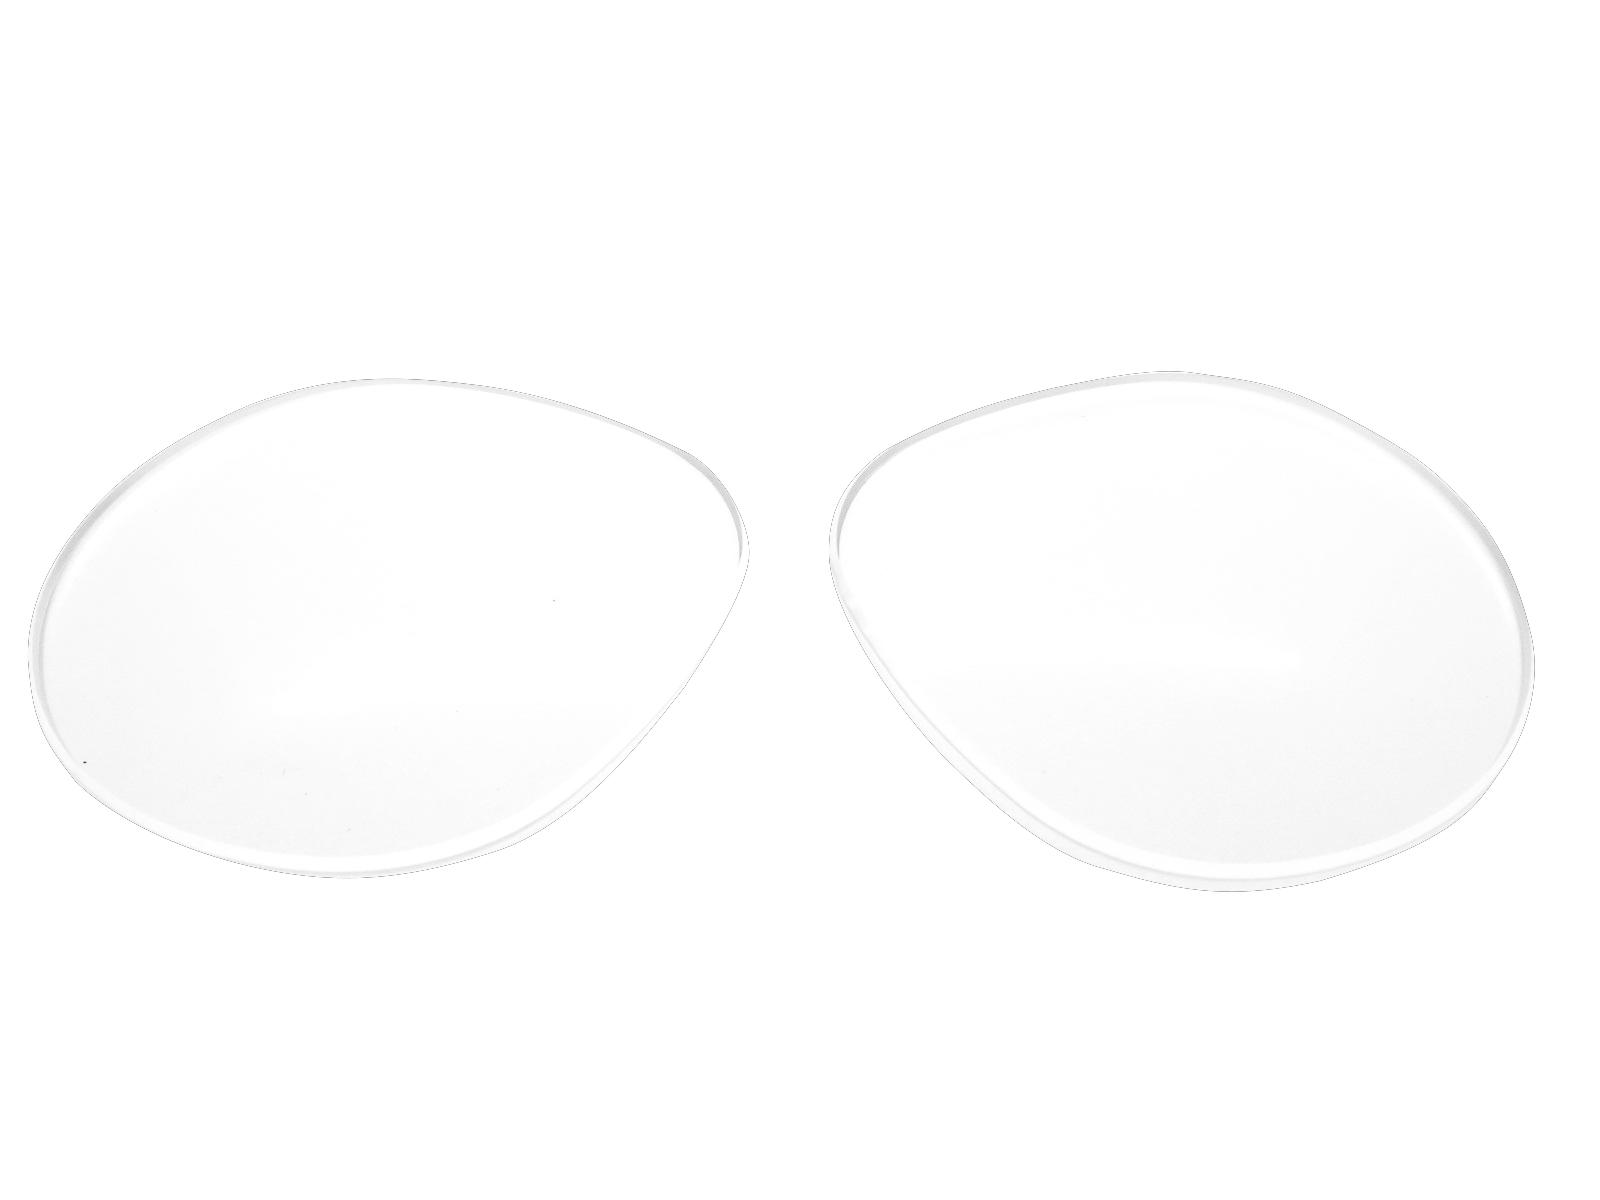 専用アタッチメント 送料無料限定セール中 入れ替えレンズ単品 新作 Oculusシリーズ対応 マルチコート 度付きアタッチメント OQC-001専用レンズ